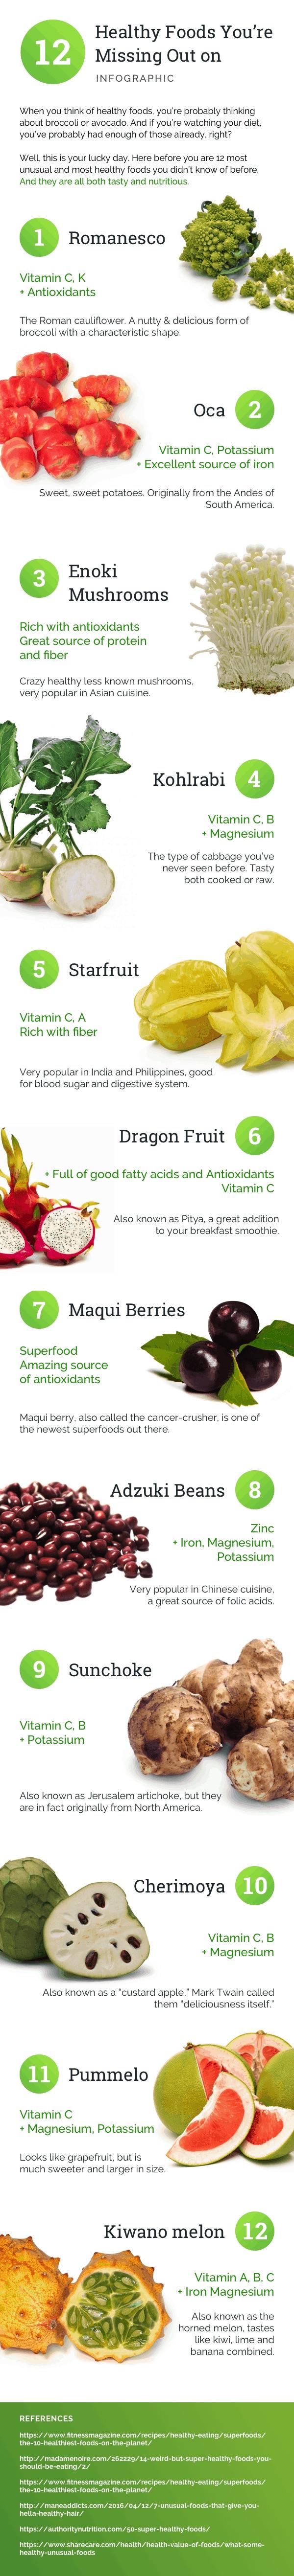 Healthy Foods info